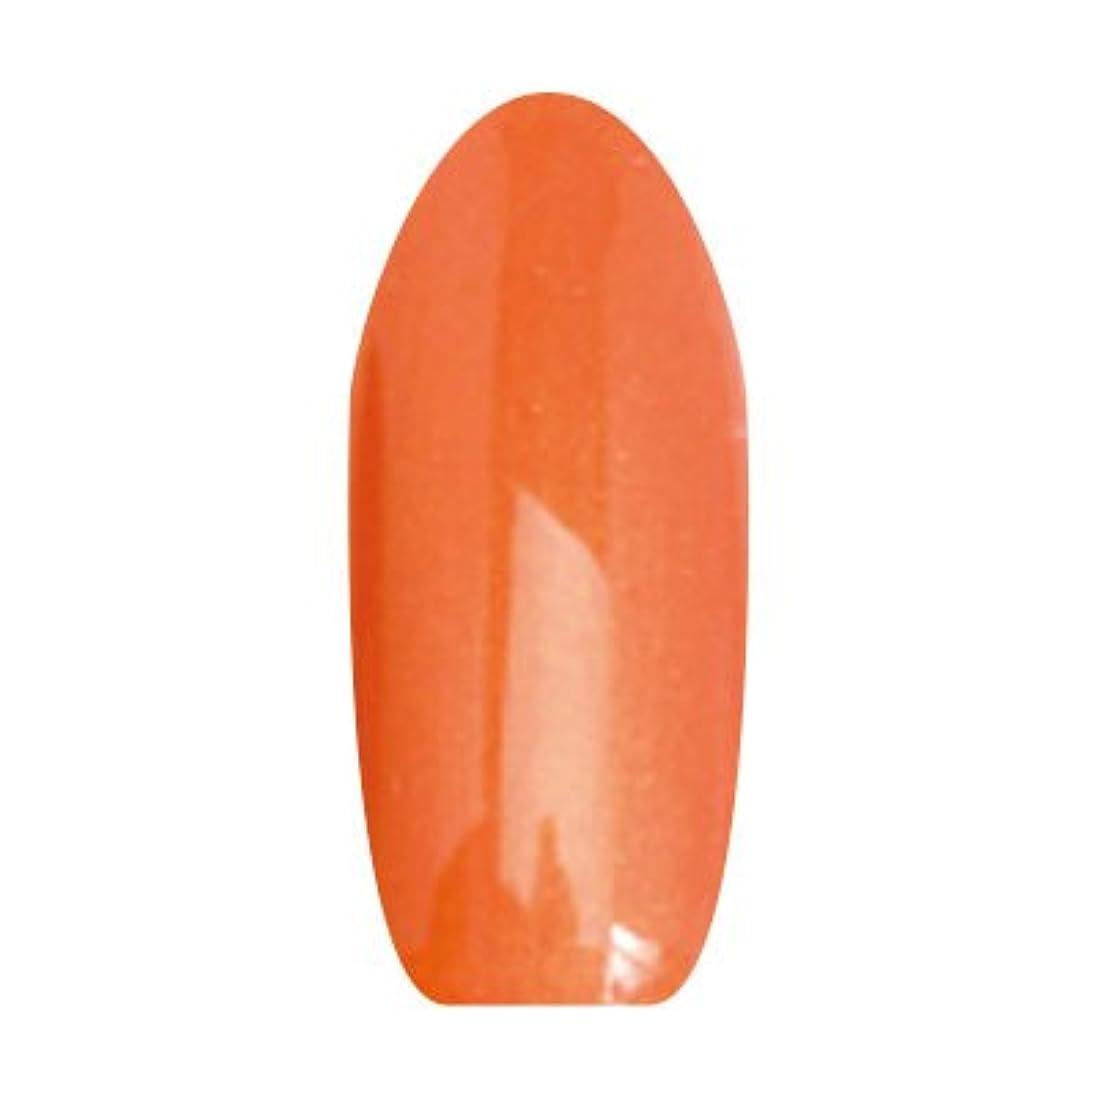 装備する気味の悪い靴ハーモニー ジェリッシュ オレンジドリームクリーム 15ml